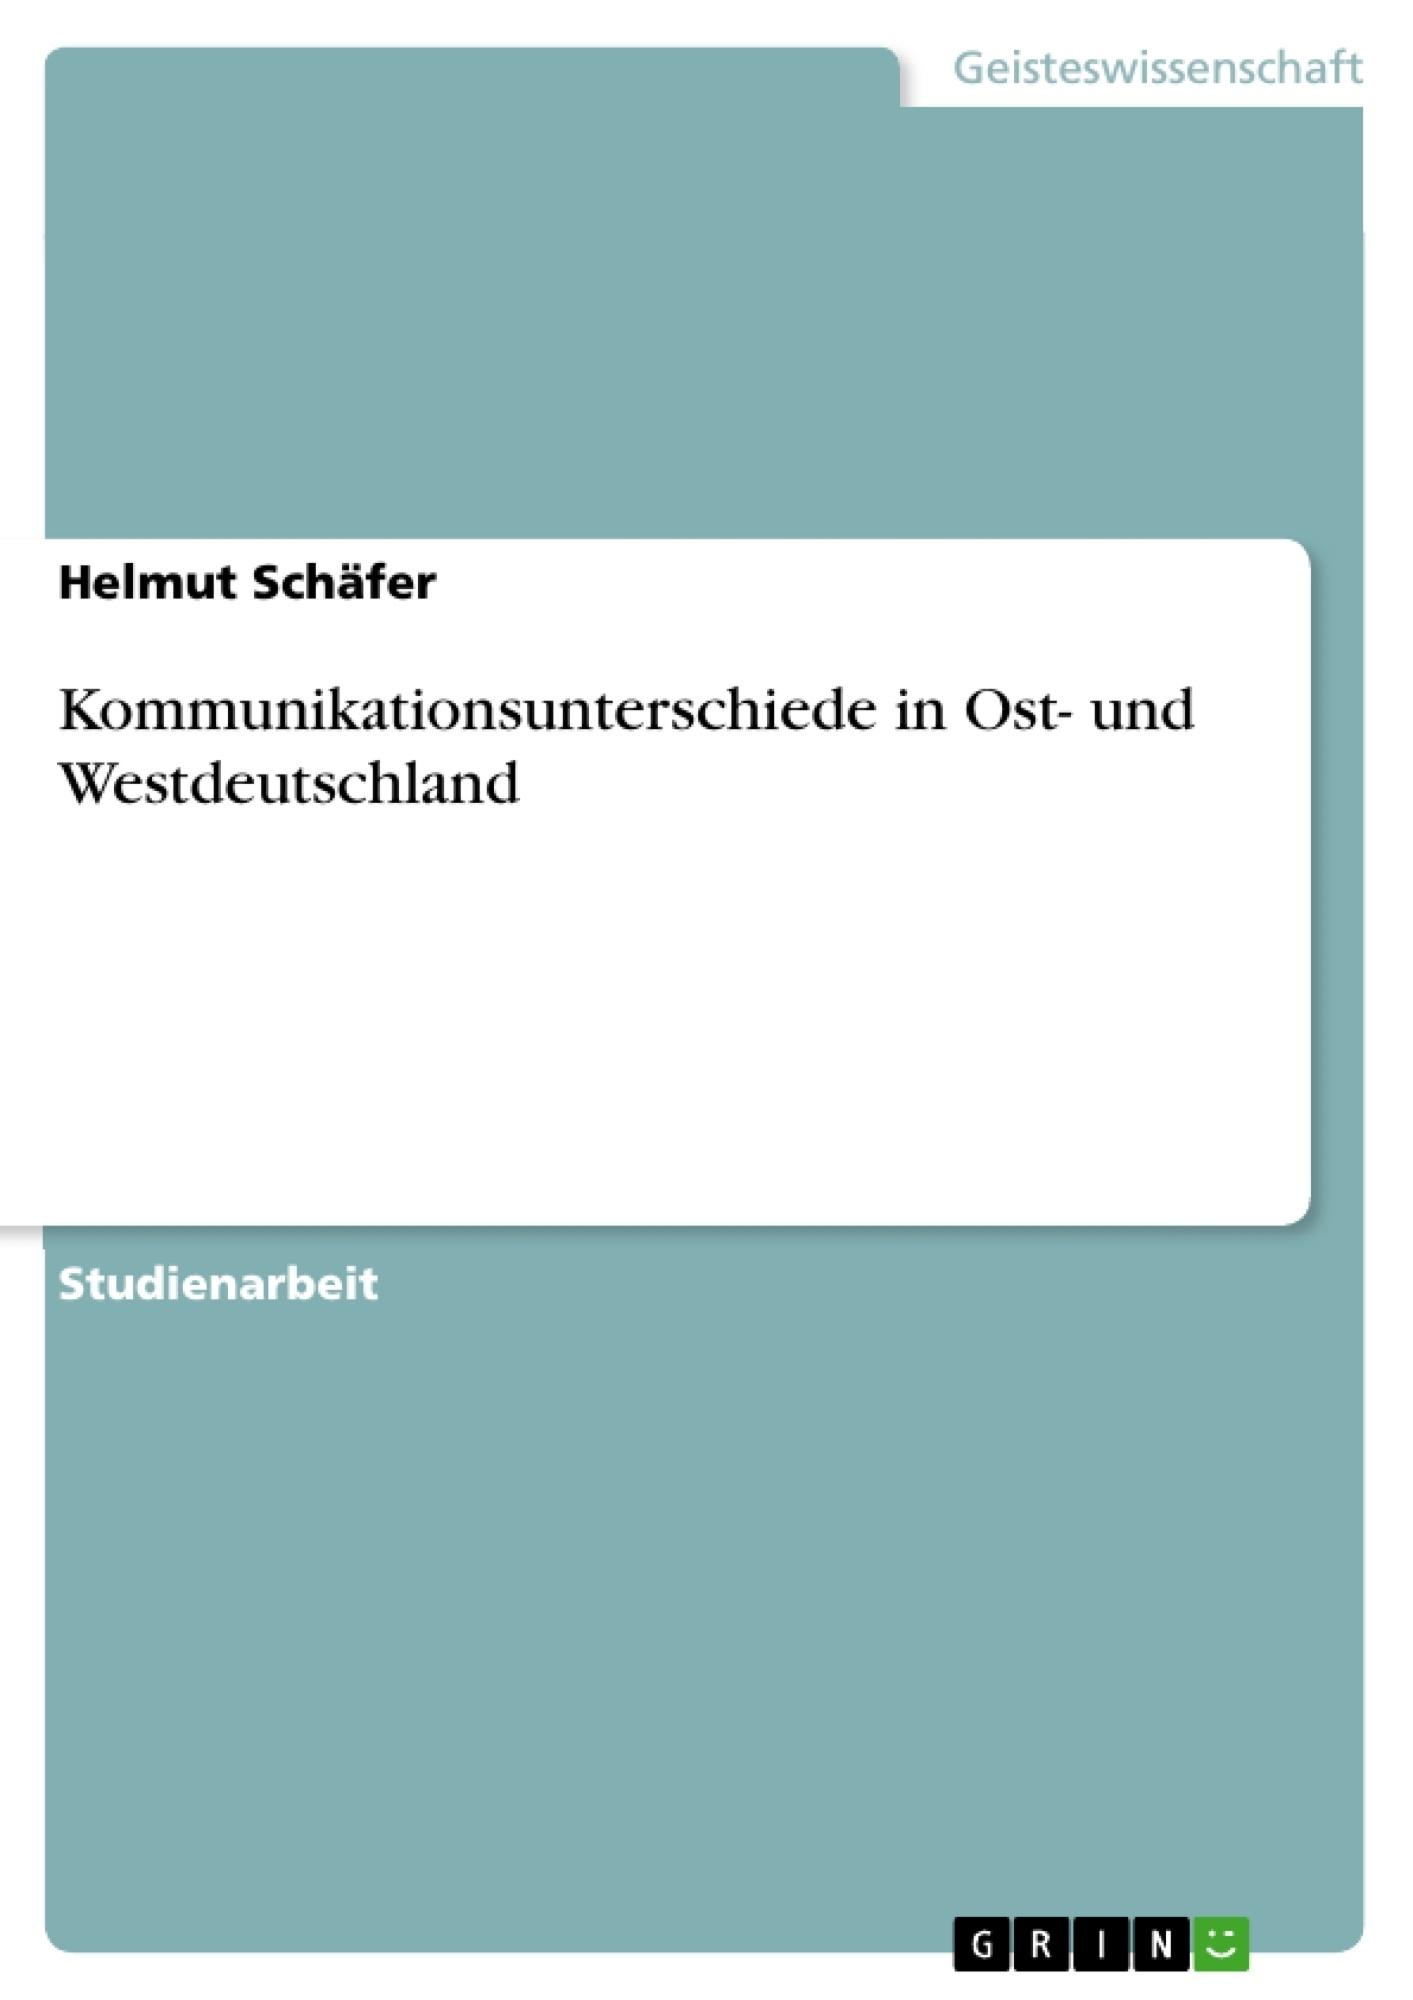 Titel: Kommunikationsunterschiede in Ost- und Westdeutschland